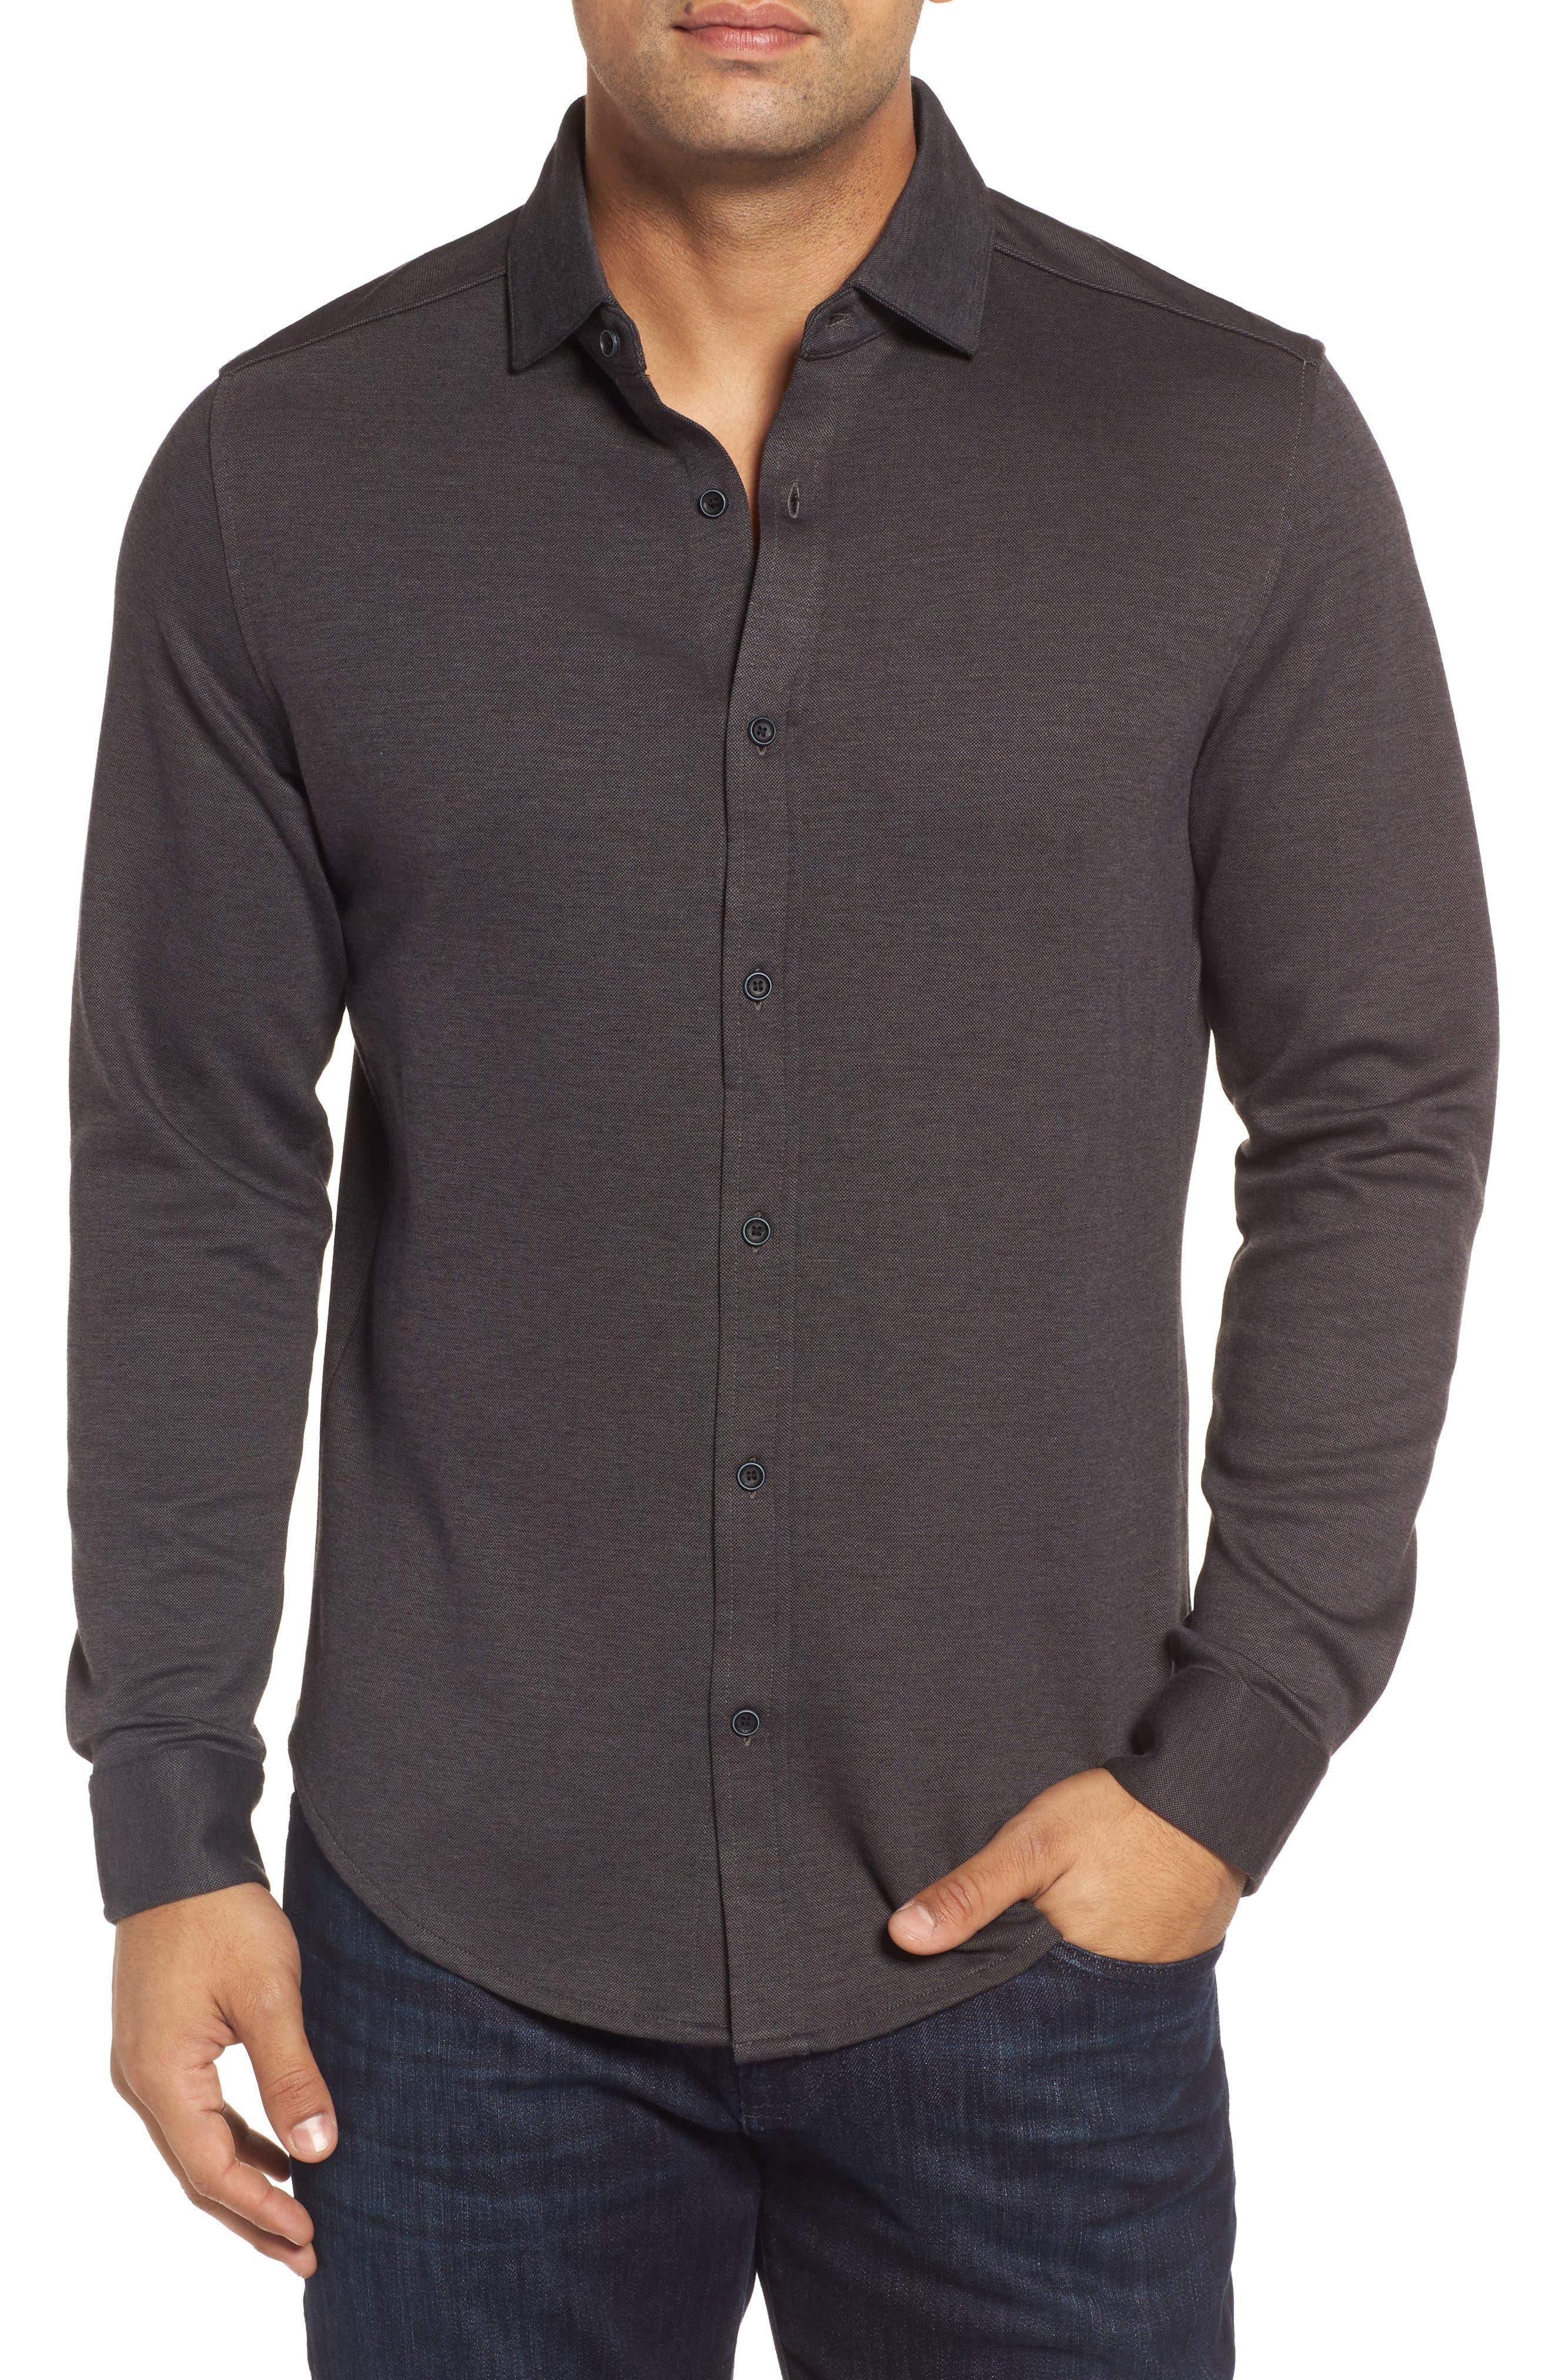 Main Image - Bugatchi Classic Fit Heathered Knit Sport Shirt